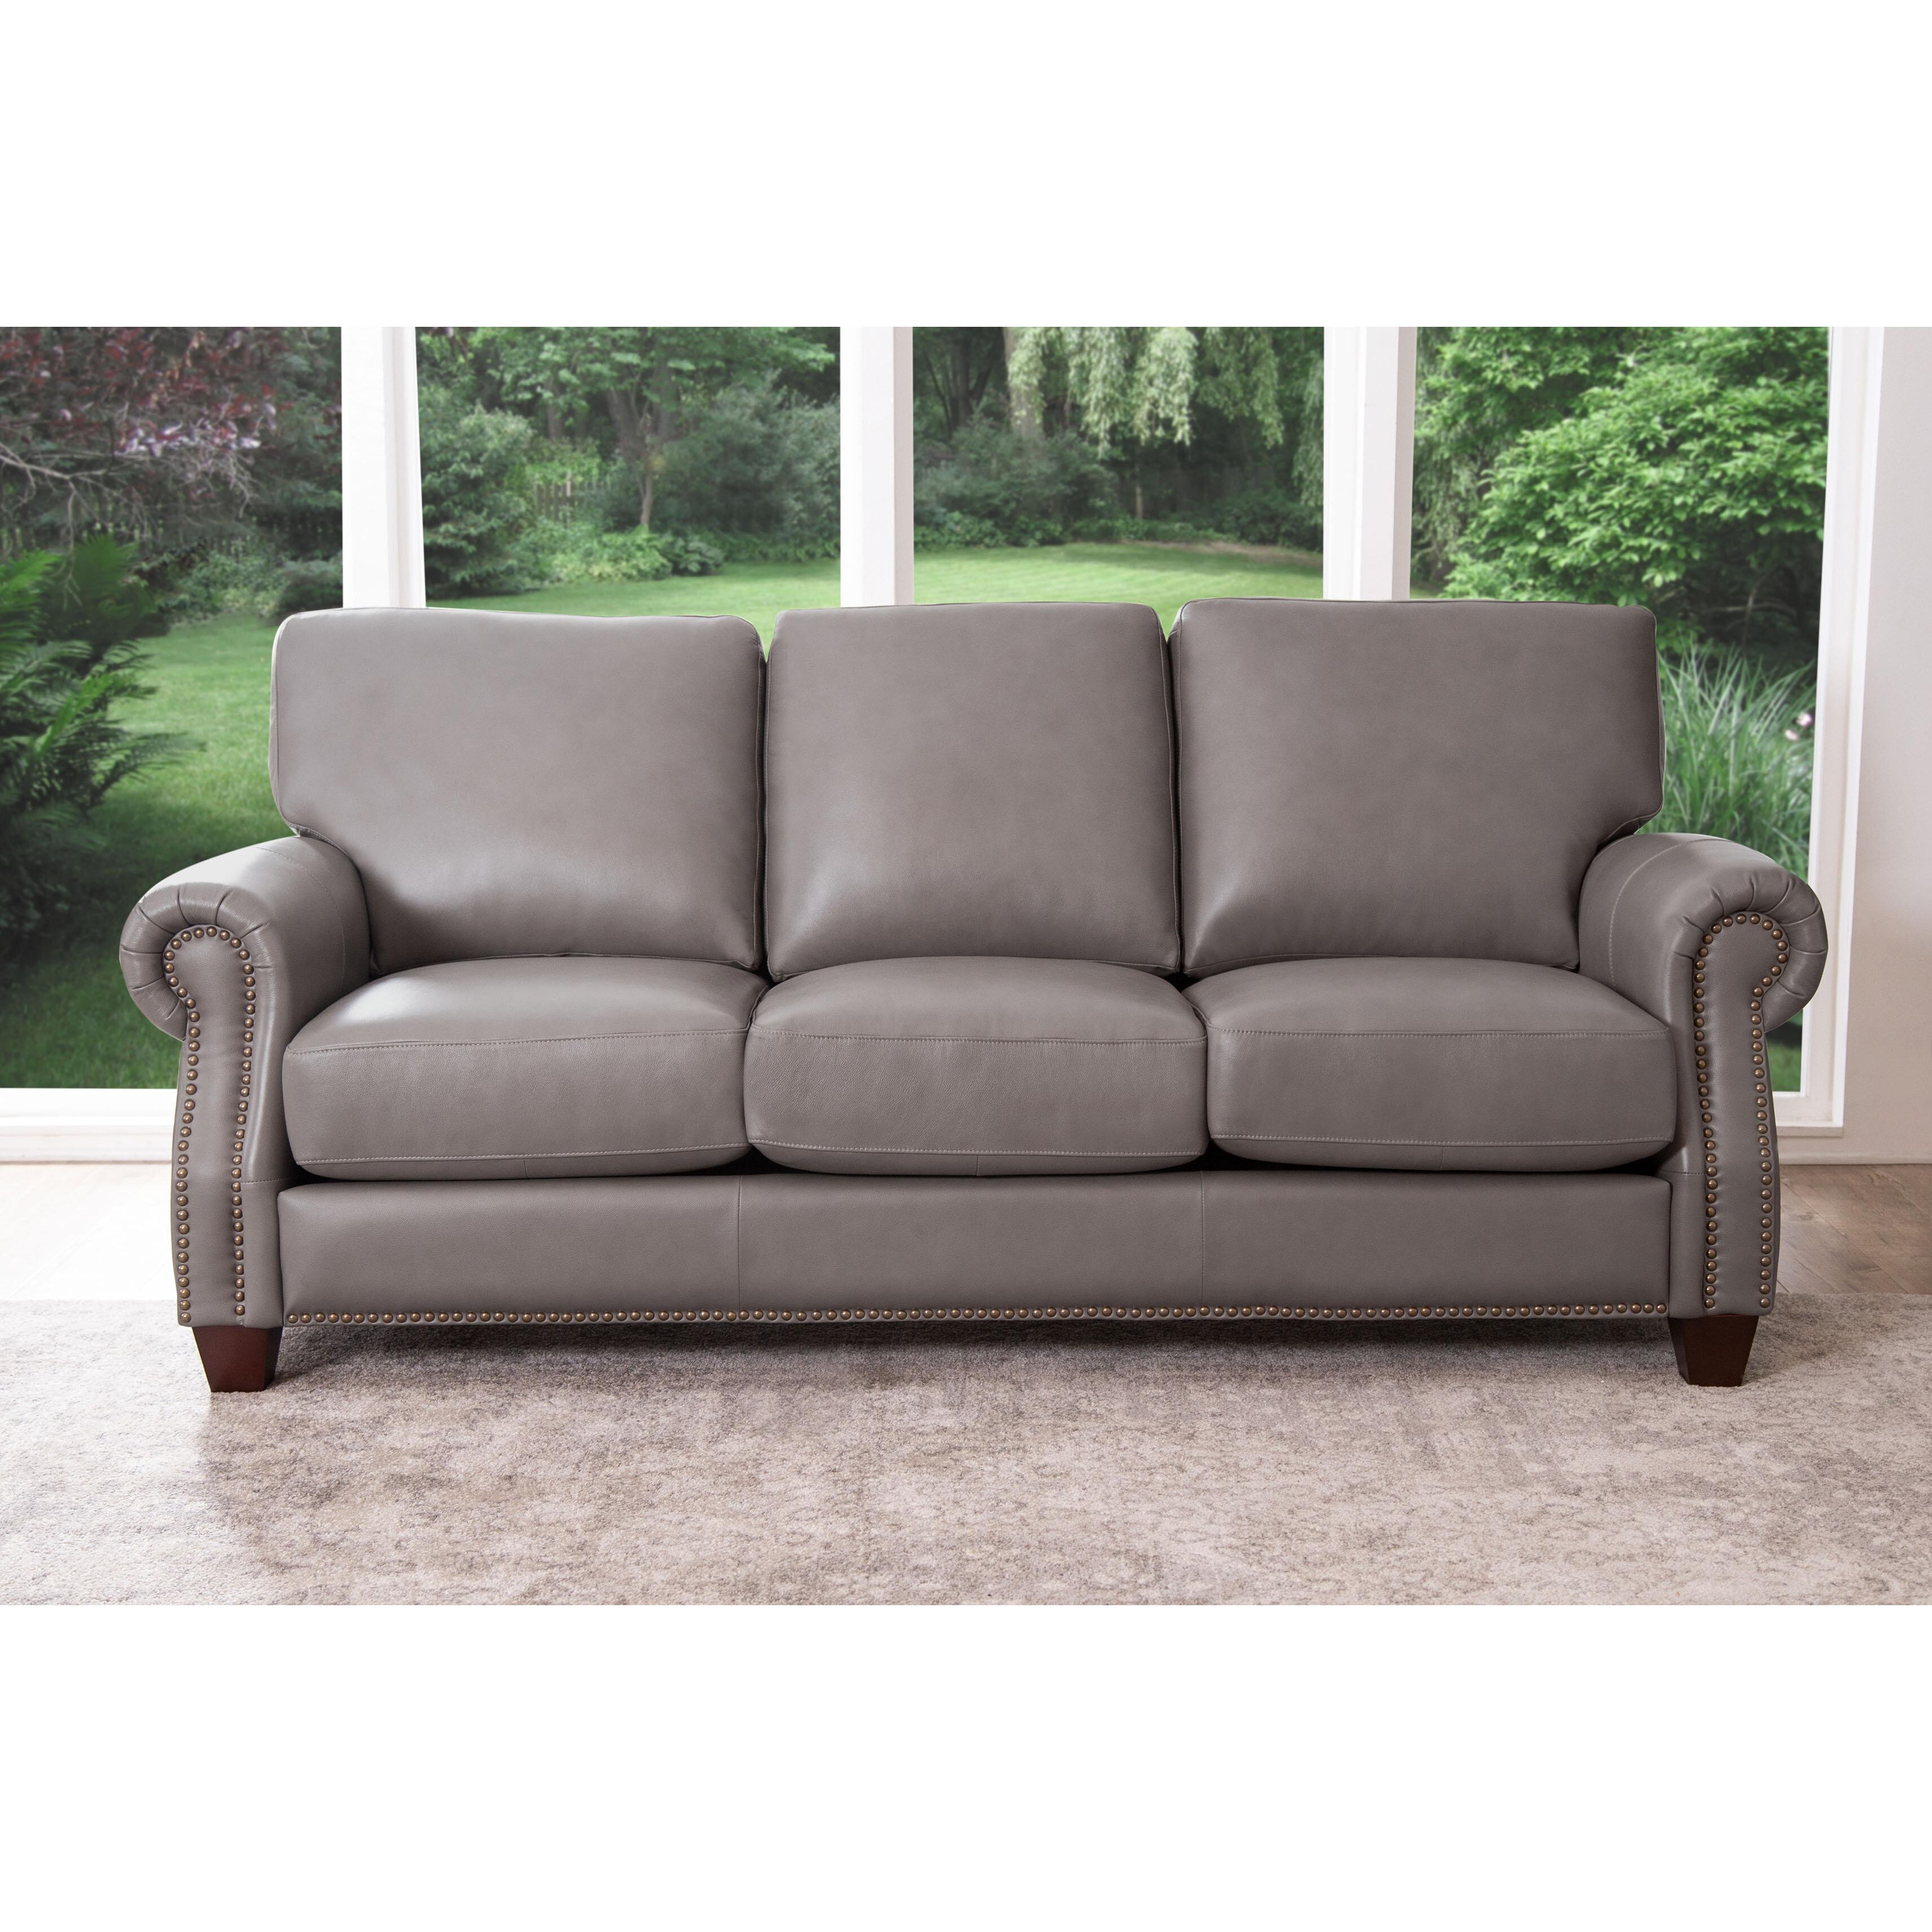 Prime Whipton Top Grain Leather Sofa Inzonedesignstudio Interior Chair Design Inzonedesignstudiocom